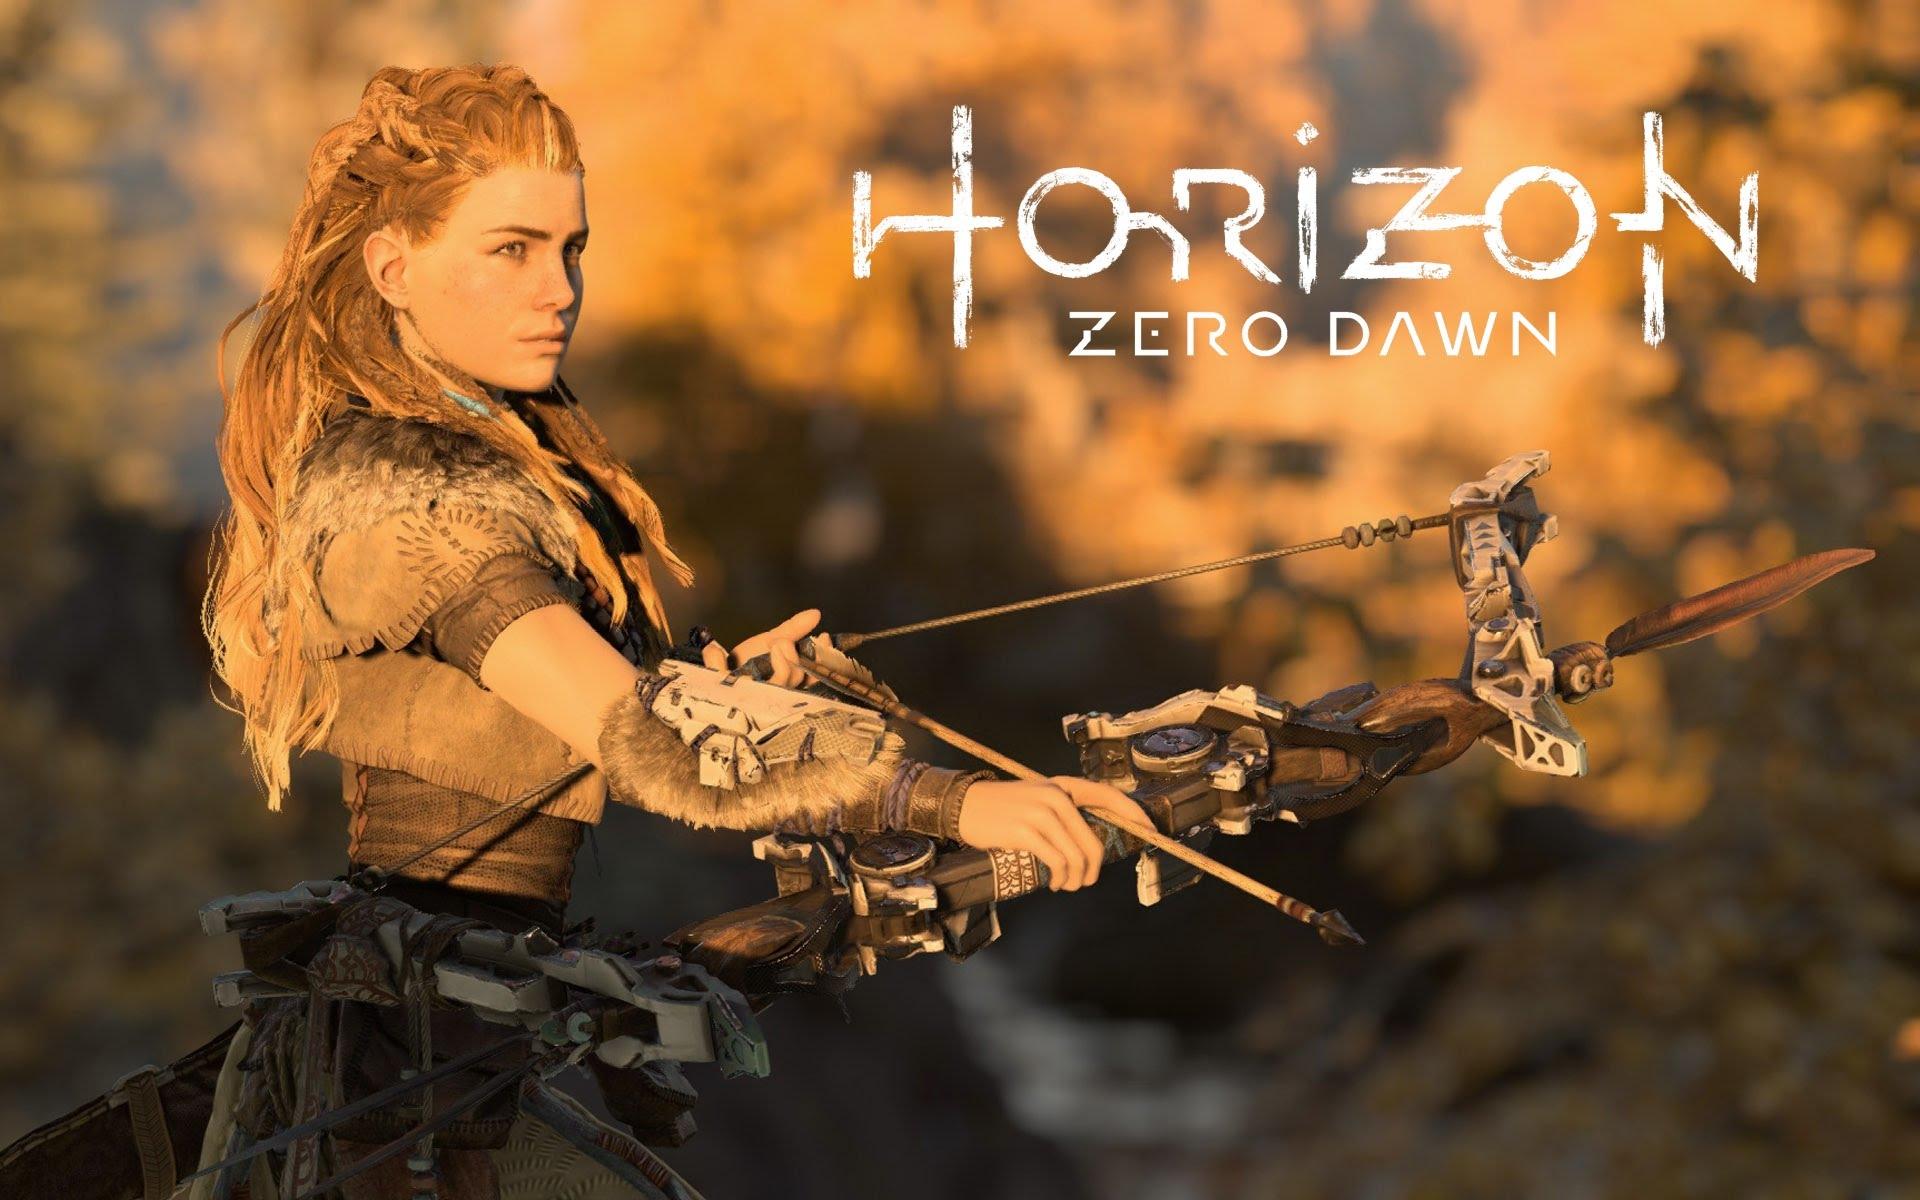 Fondos de Pantalla de Horizon Zero Dawn, Wallpapers HD Gratis